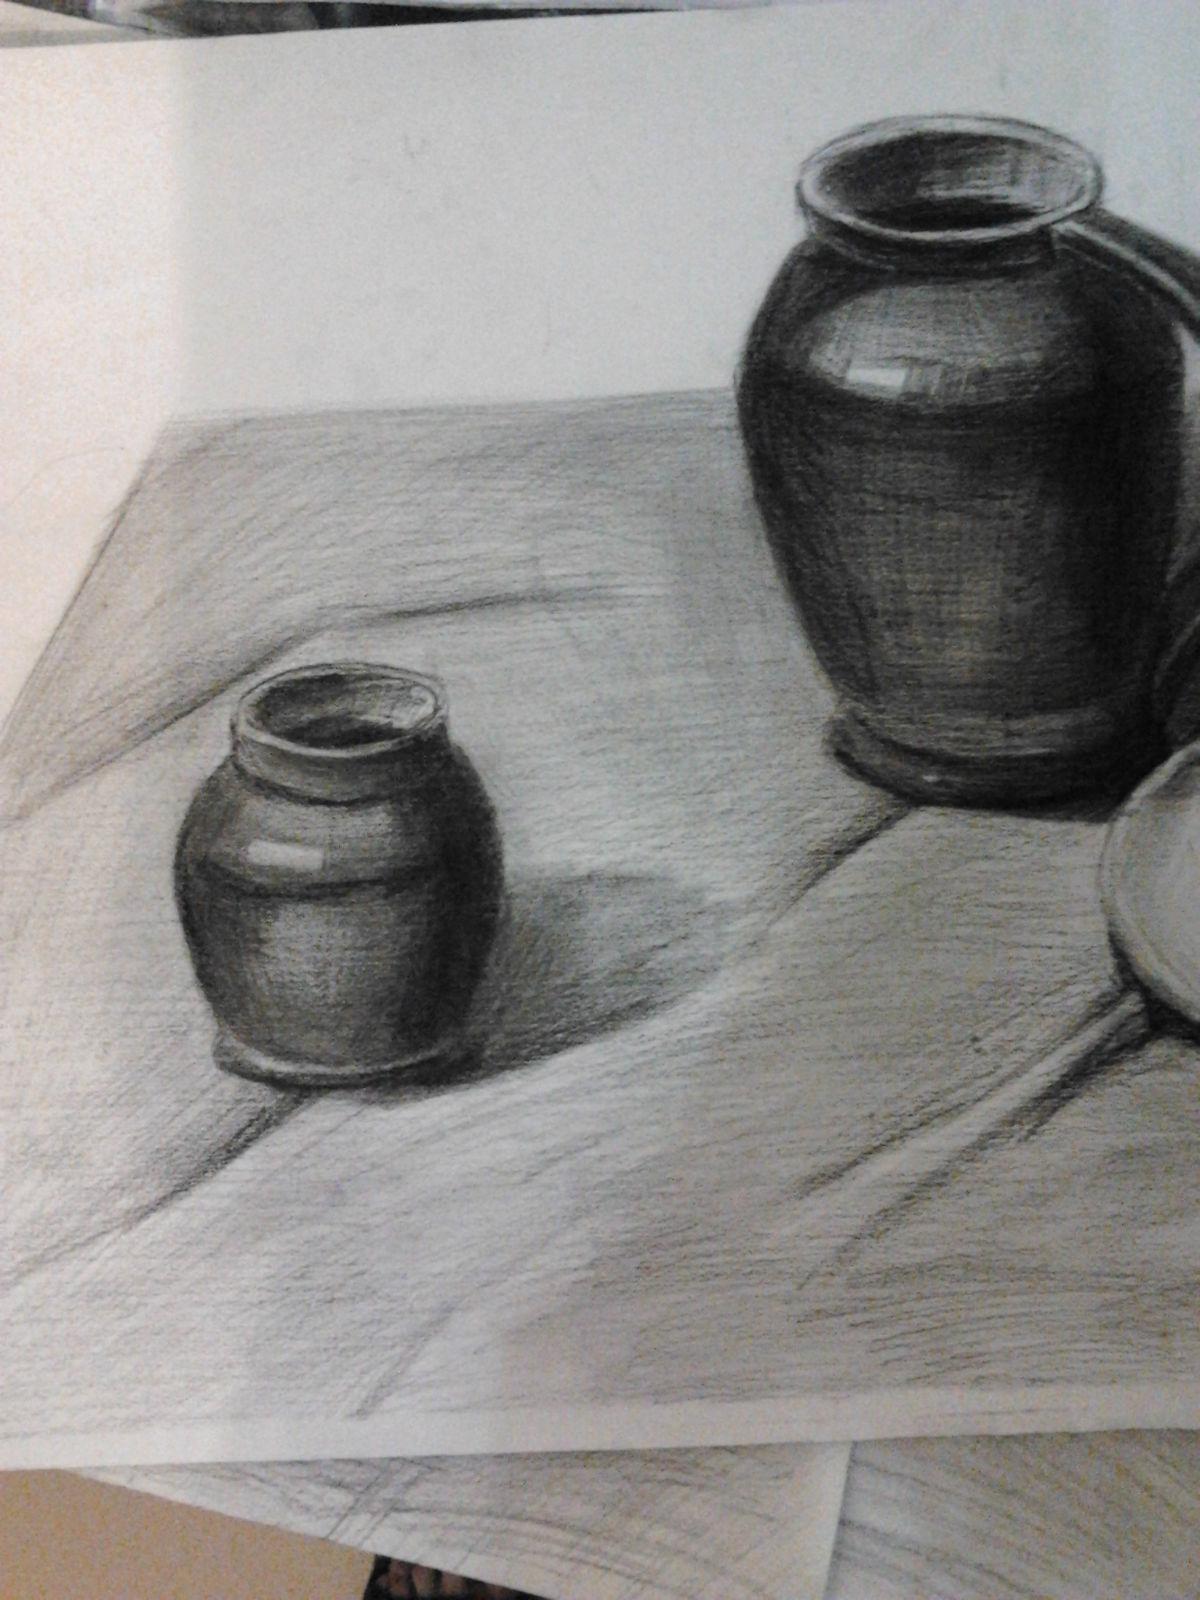 静物素描罐子_单个罐子静物素描_单个罐子静物素描画法